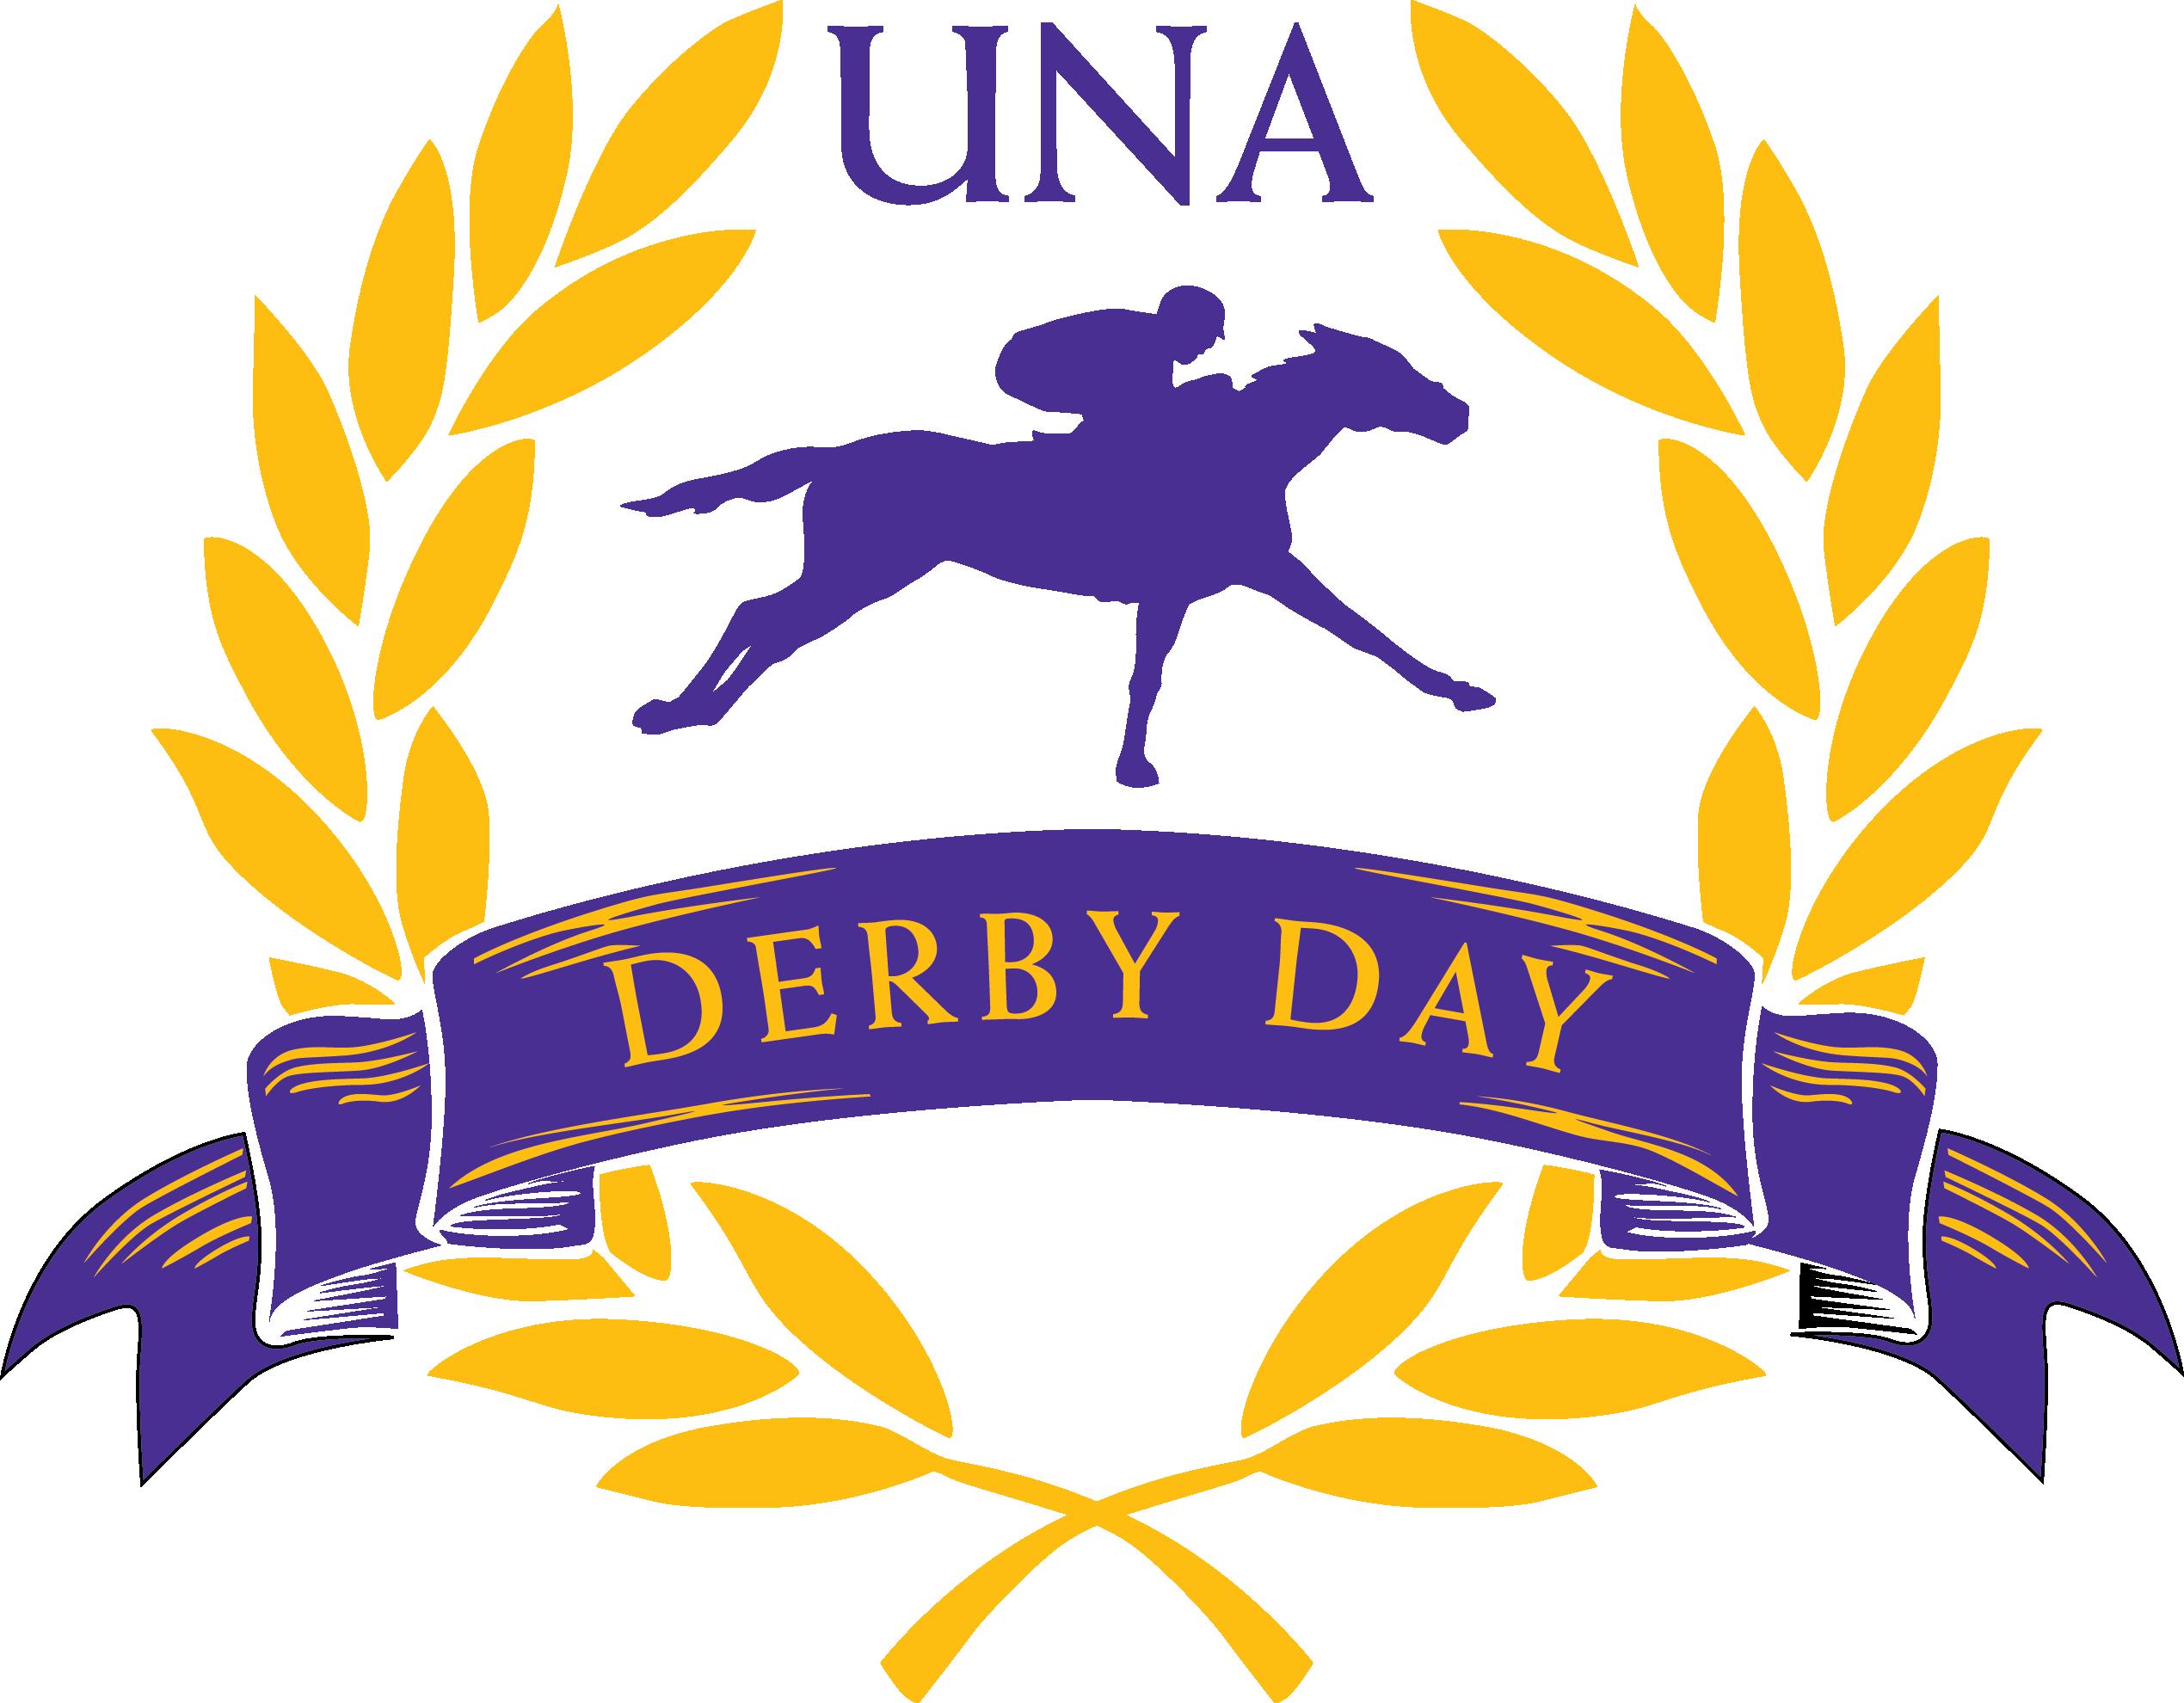 UNA DERBY DAY